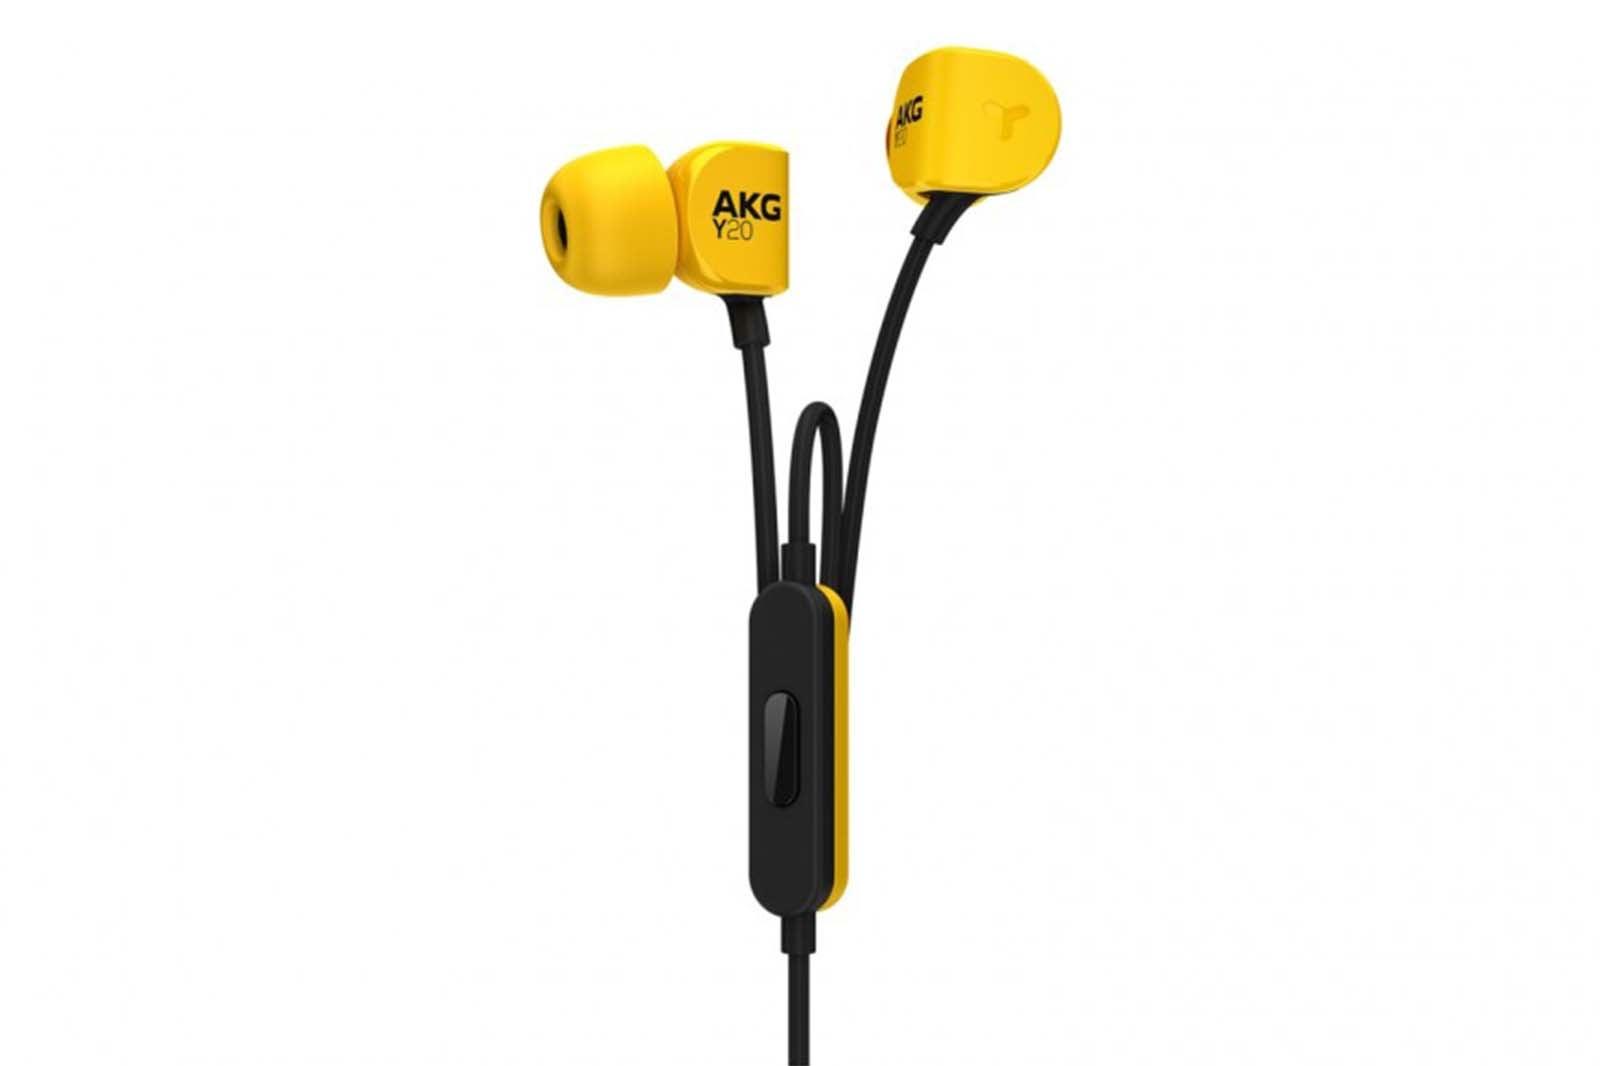 AKG Y20U Earbuds.